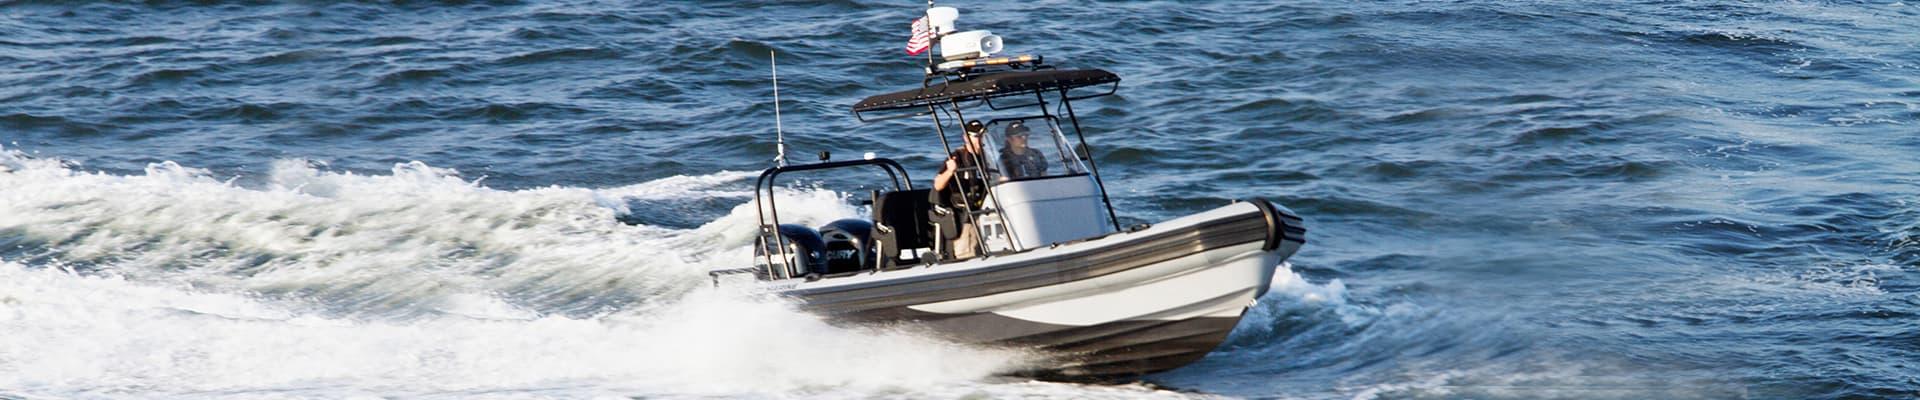 police-boat-8m